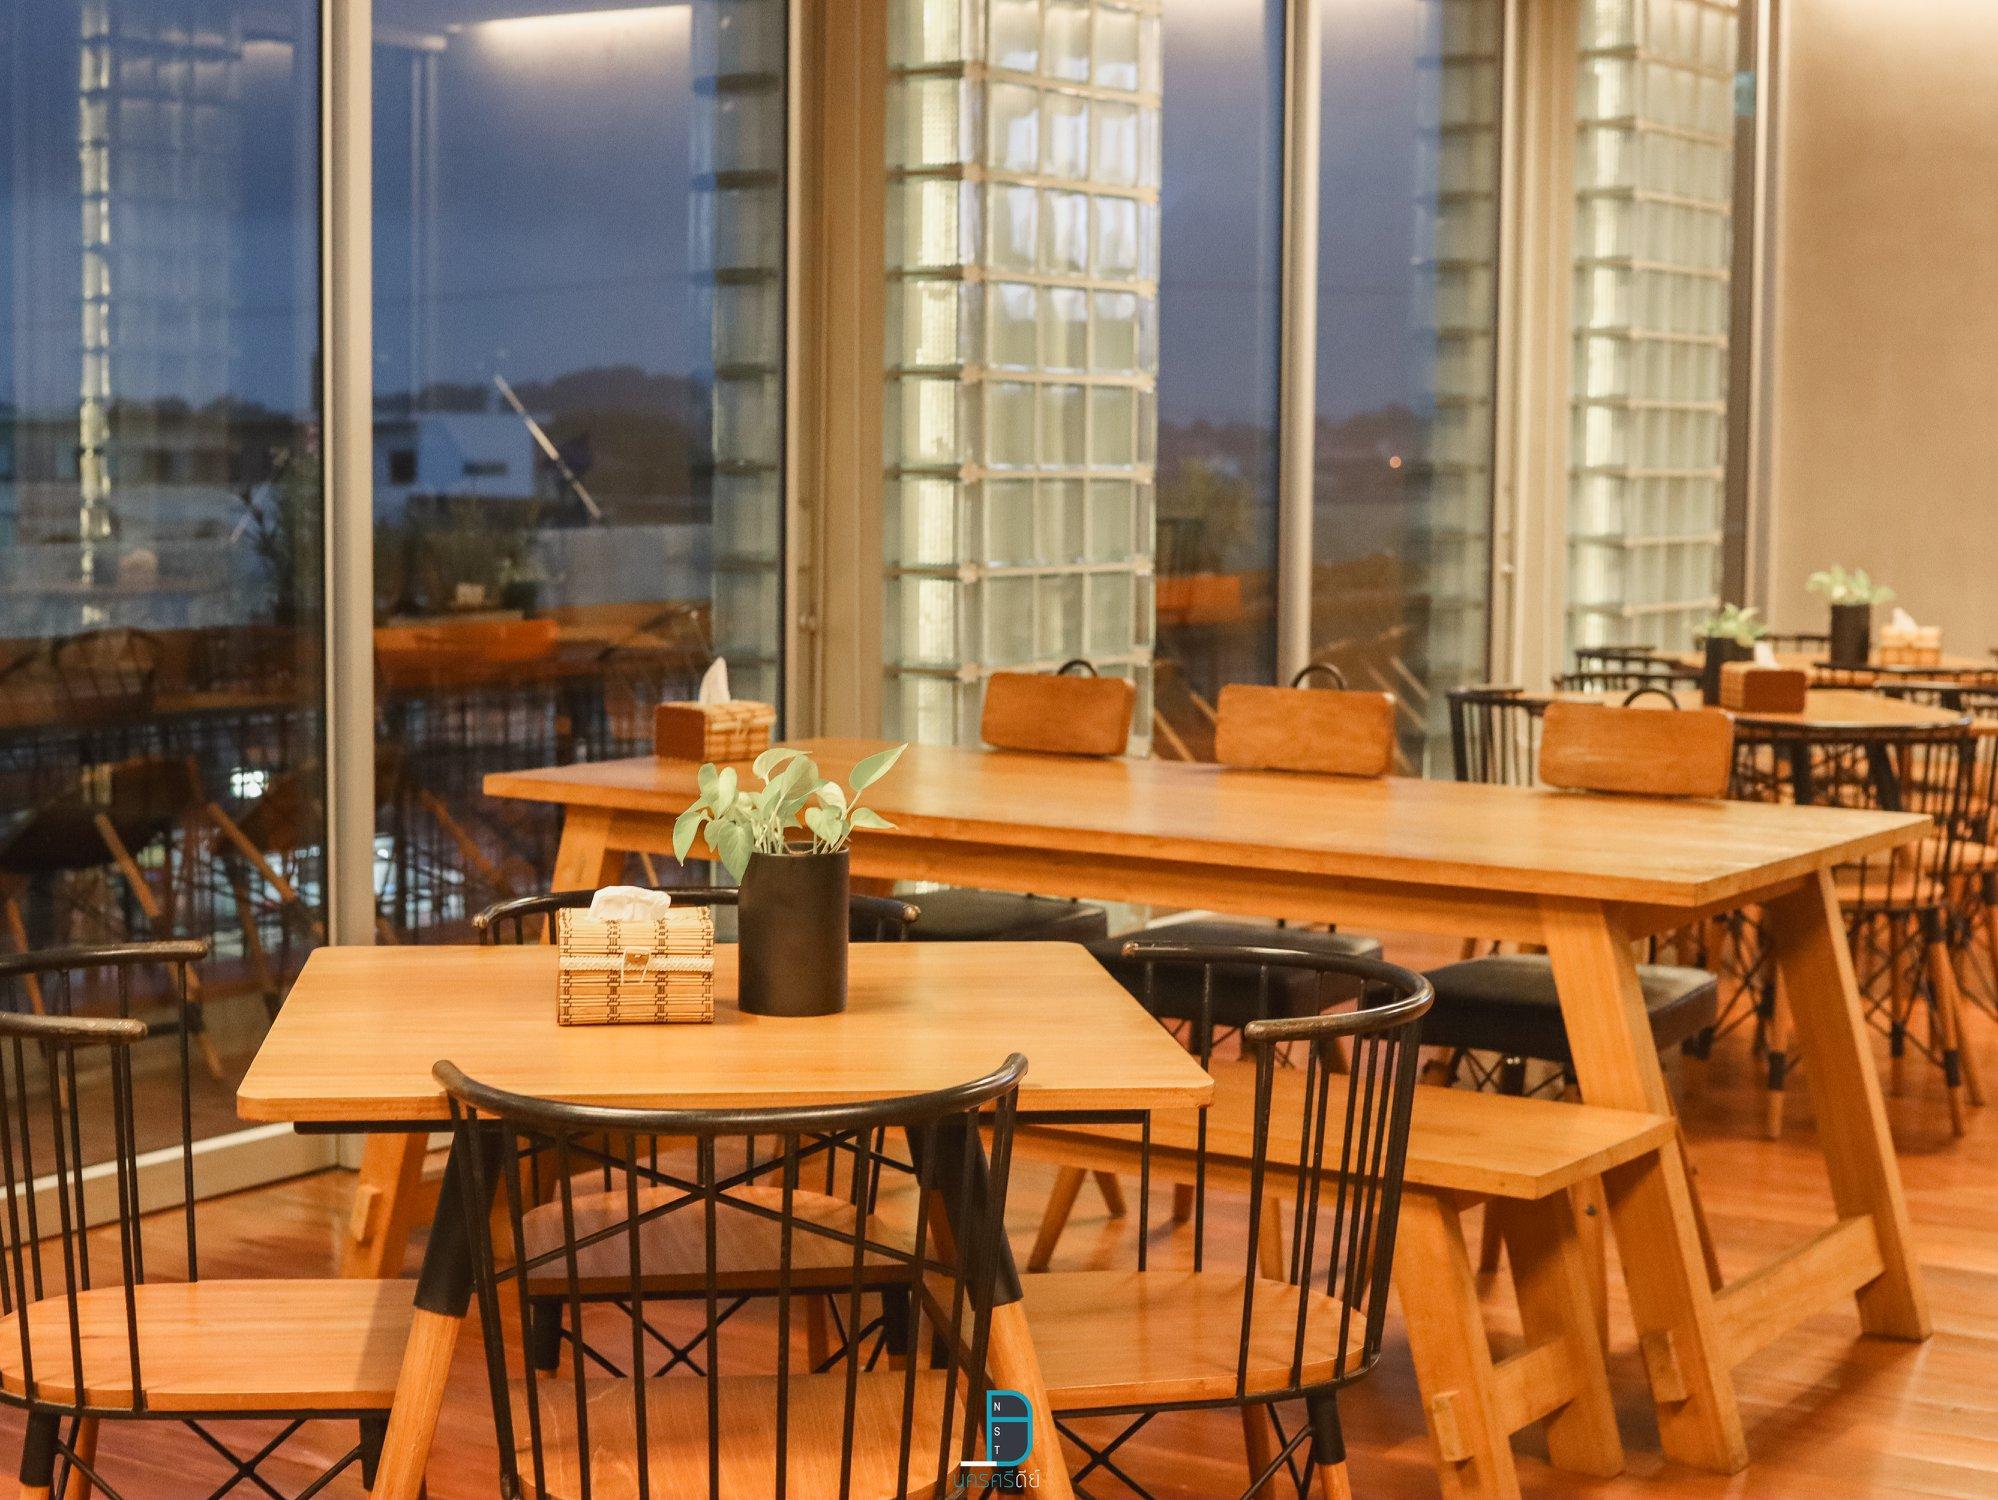 ร้านอาหารสุดหรูบนดาดฟ้าโรงแรม นครศรีธรรมราช แลคอน รูฟท็อป พร้อมเมนูอาหารมากมาย ราคาไม่แพง นครศรีดีย์